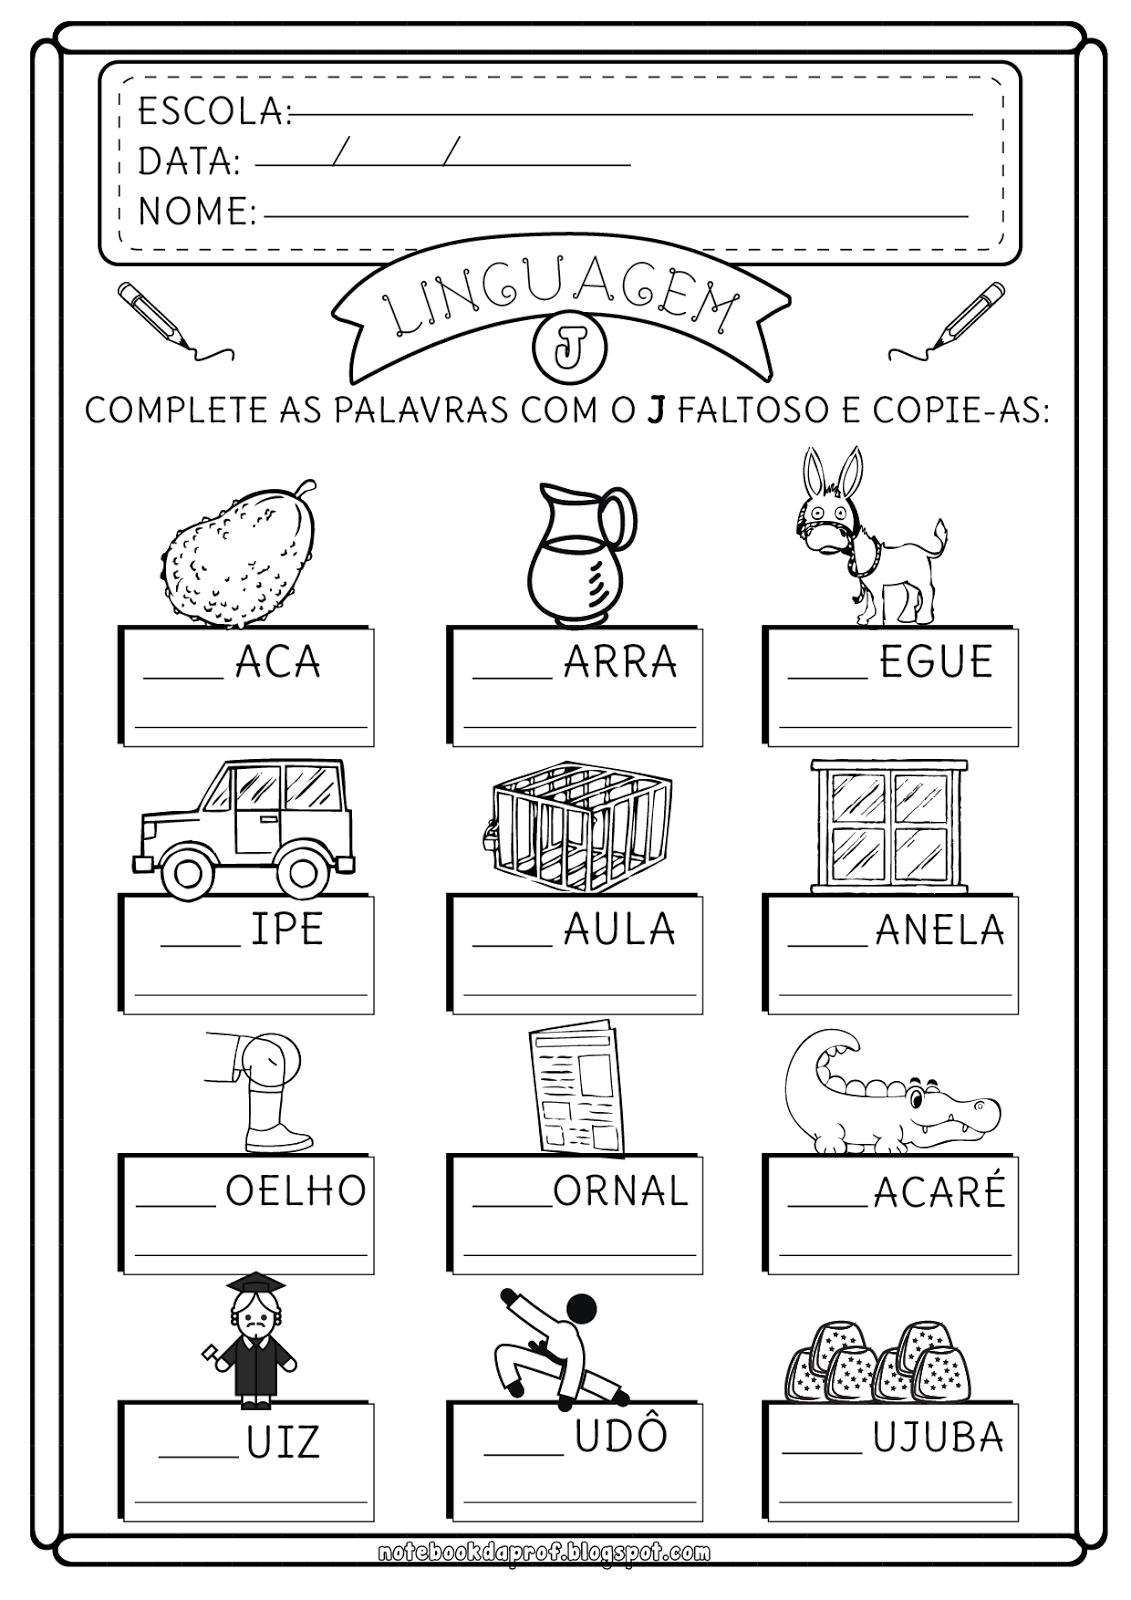 Suficiente Atividades letra J | Atividades escolares, Atividades e Professores IR05